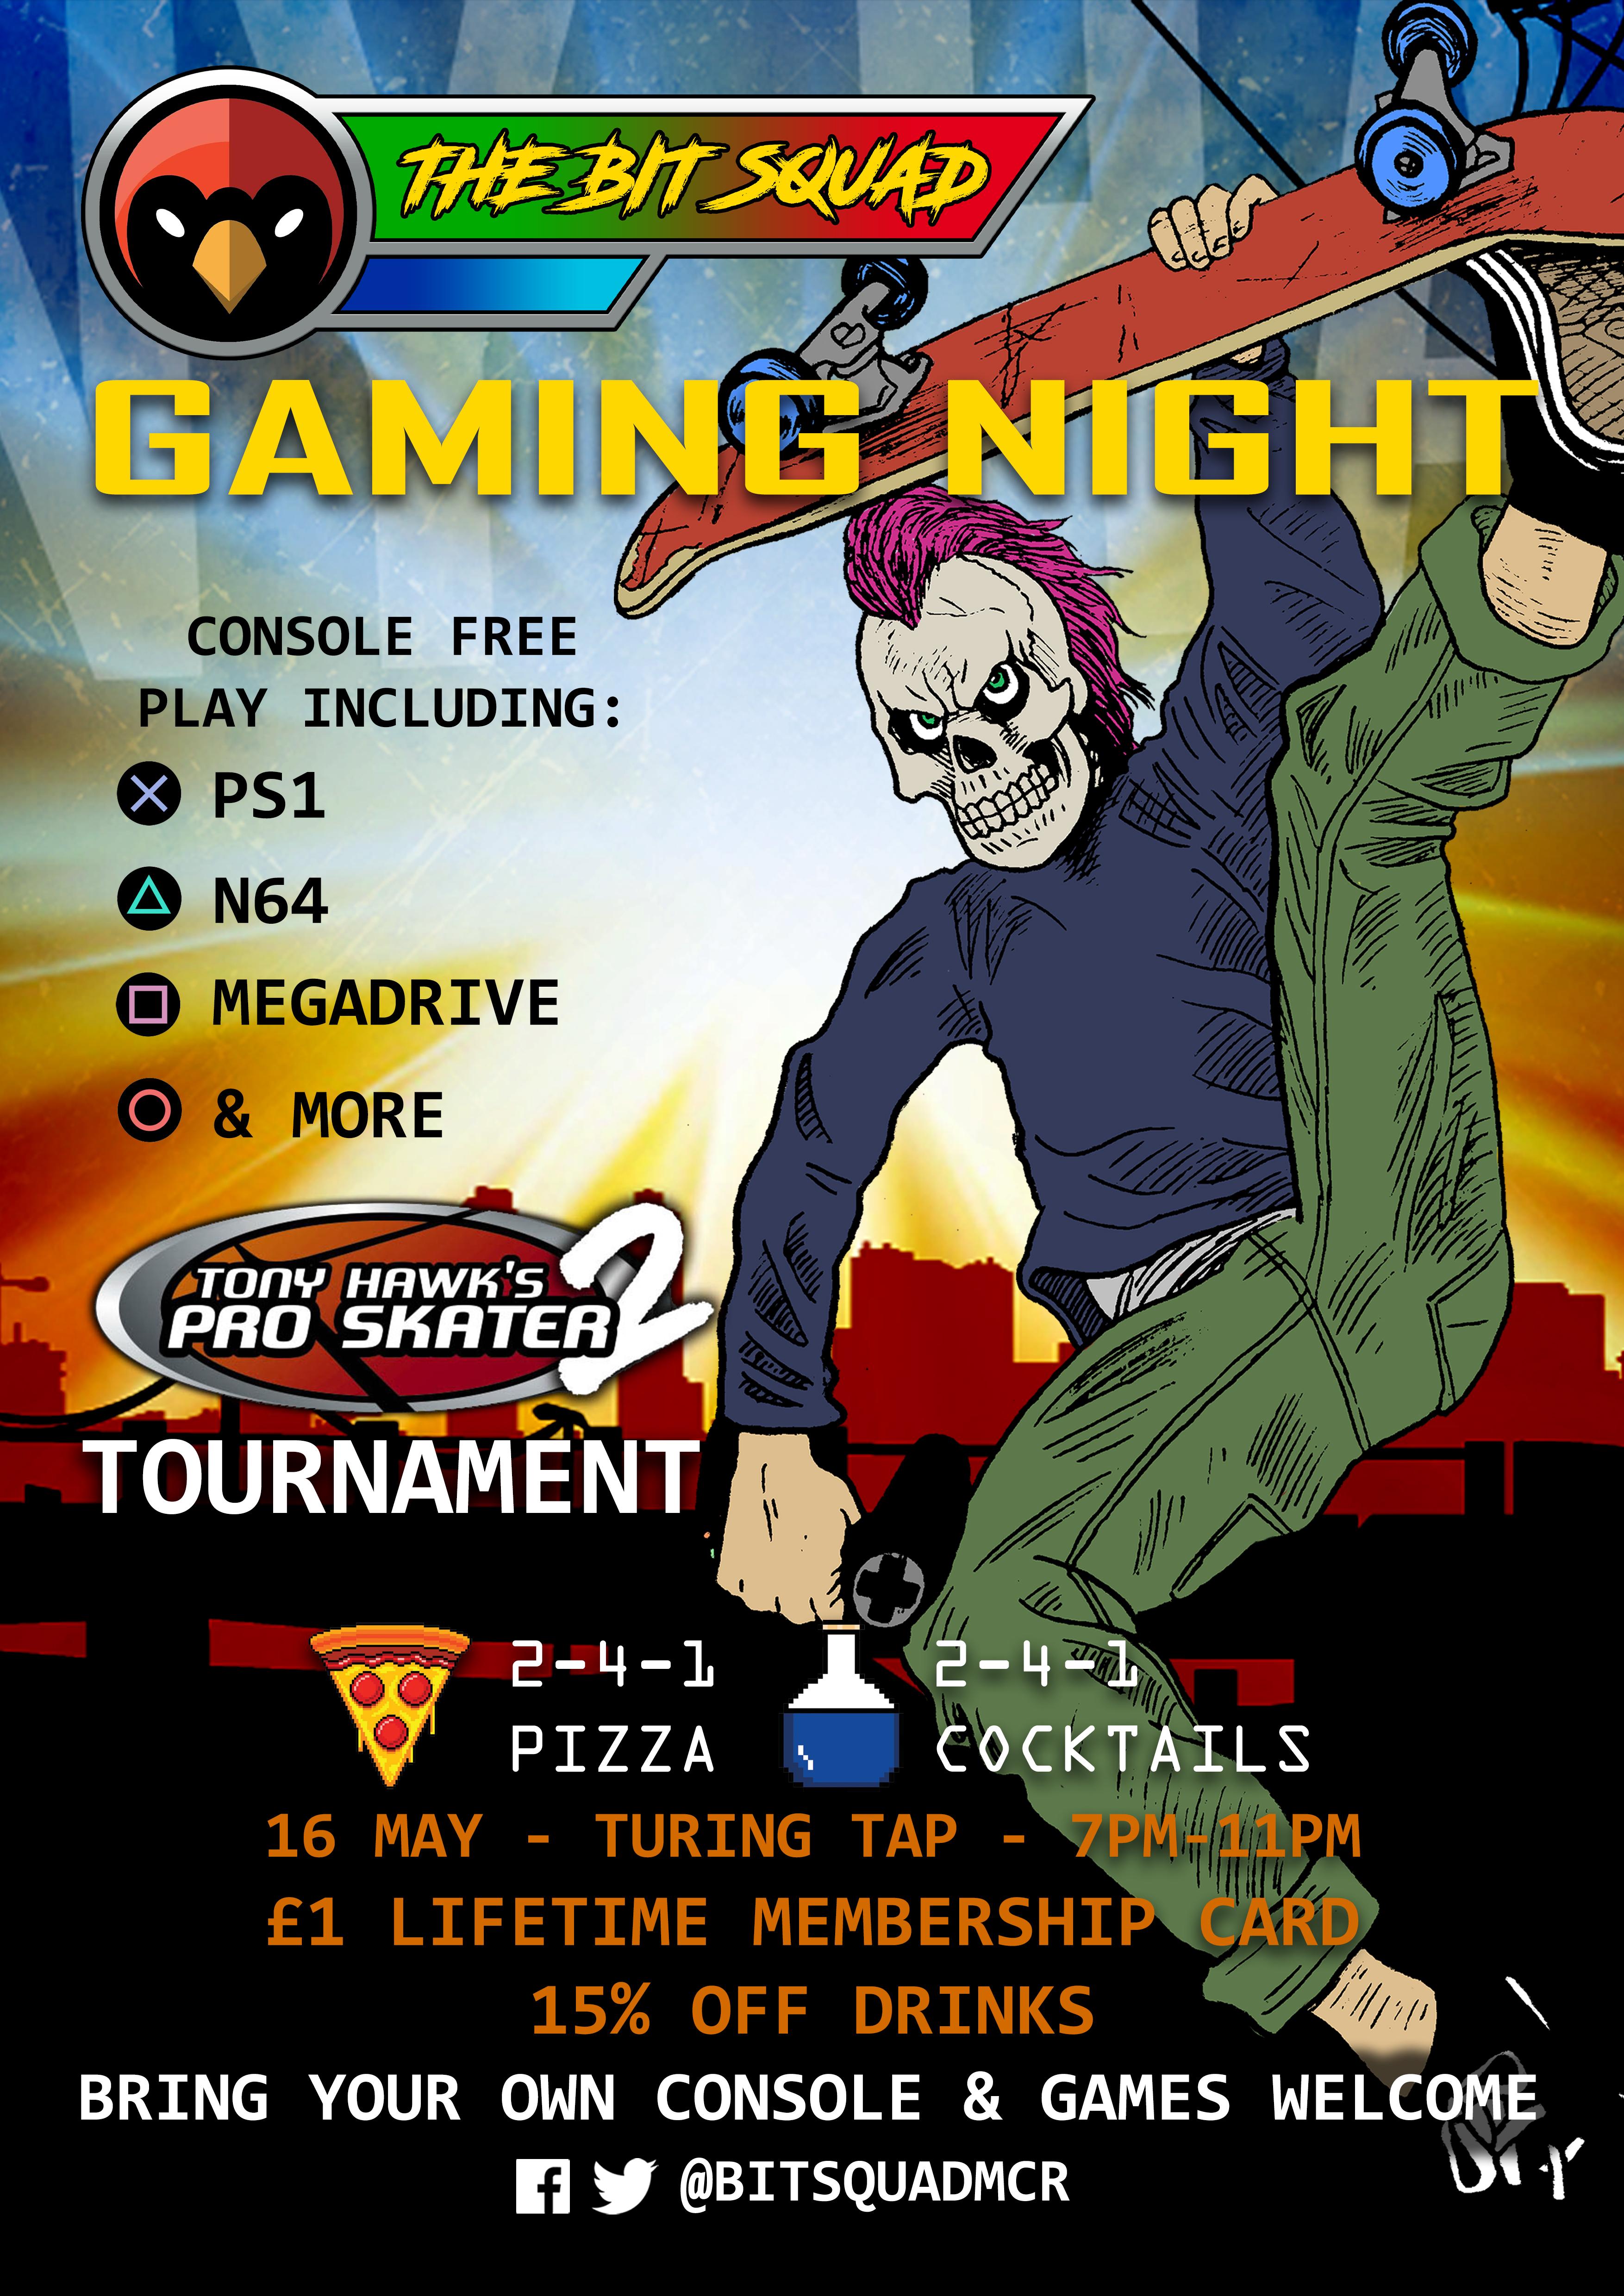 Bit Squad - Tony Hawks Tournament - May 16